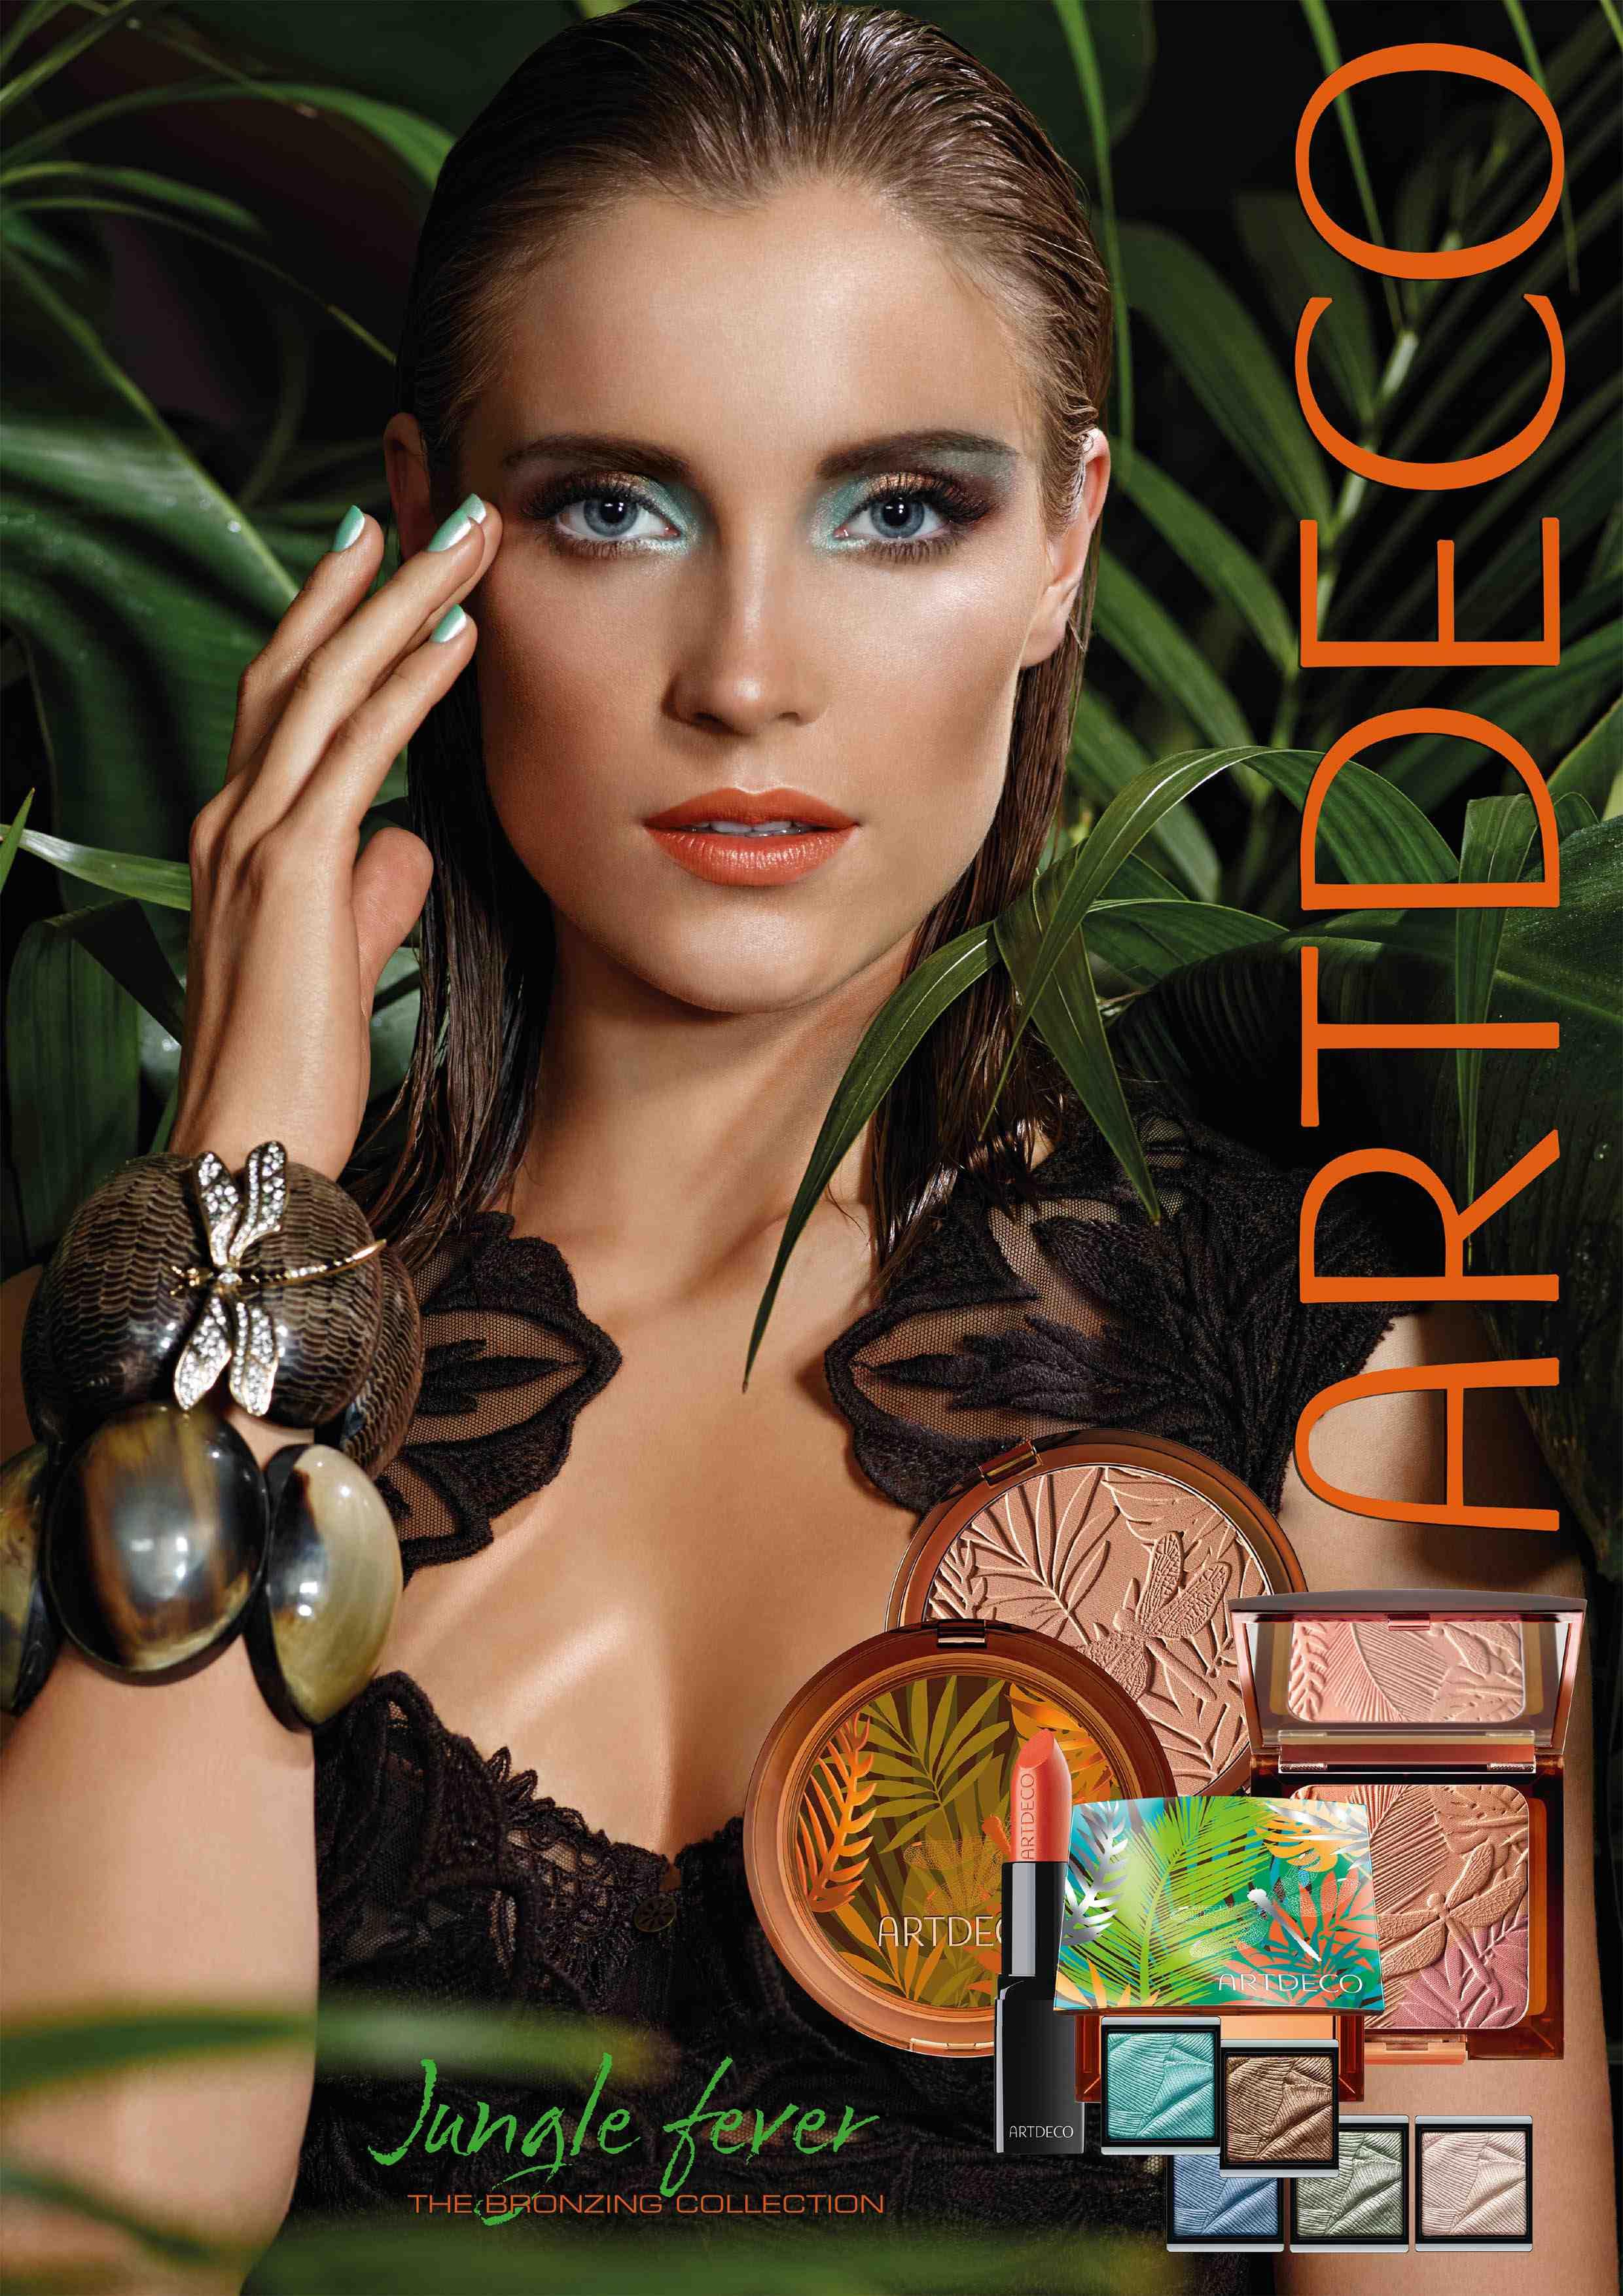 Plakat JungleFever14.indd